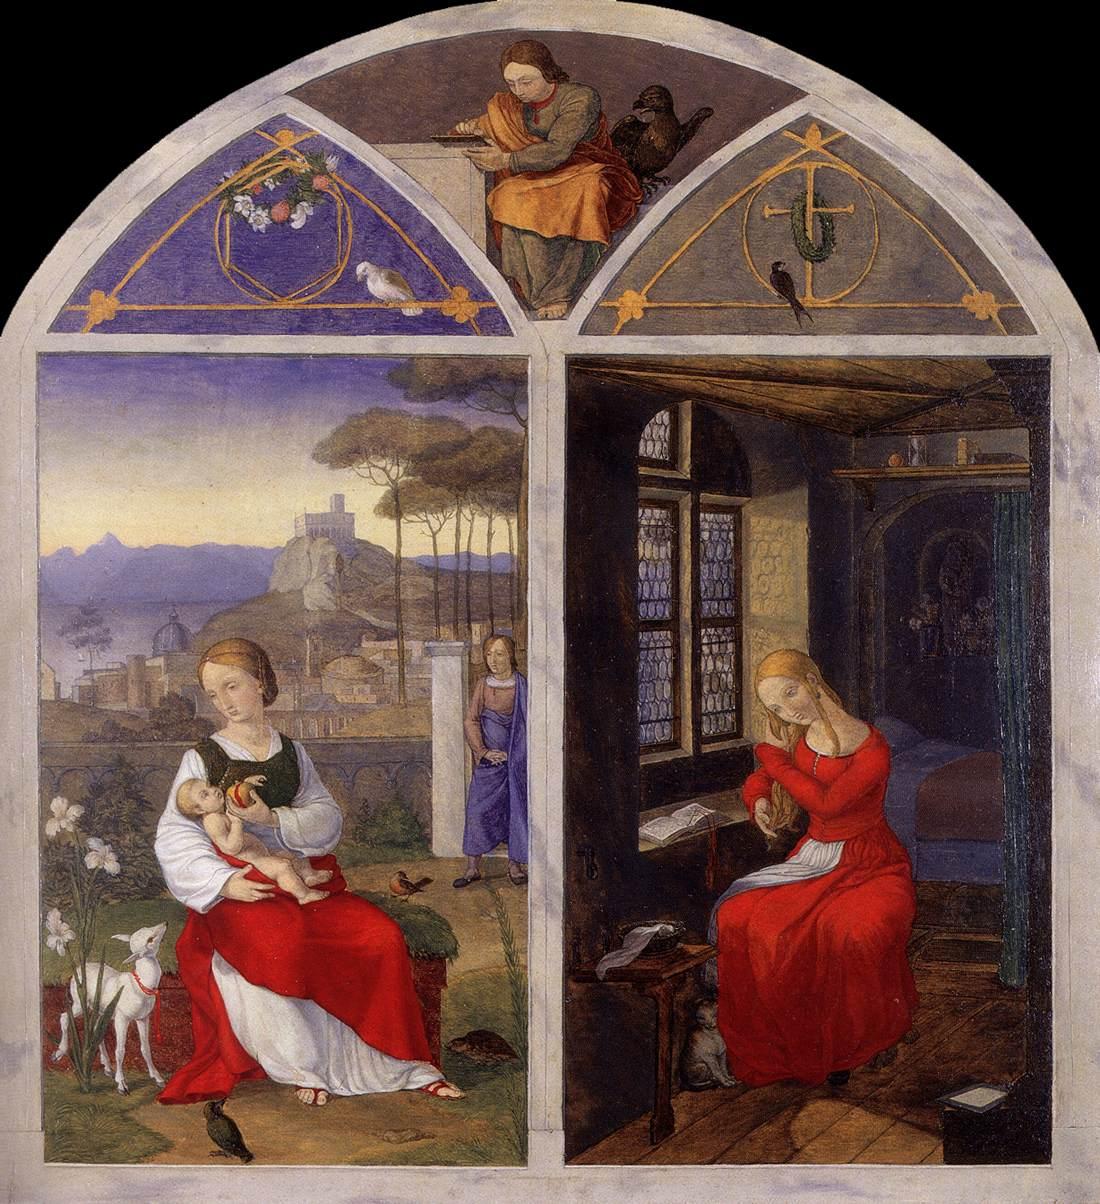 Franz Pforr, La Sulamite et Marie, coll. privée, 1810-11 (source : wga)